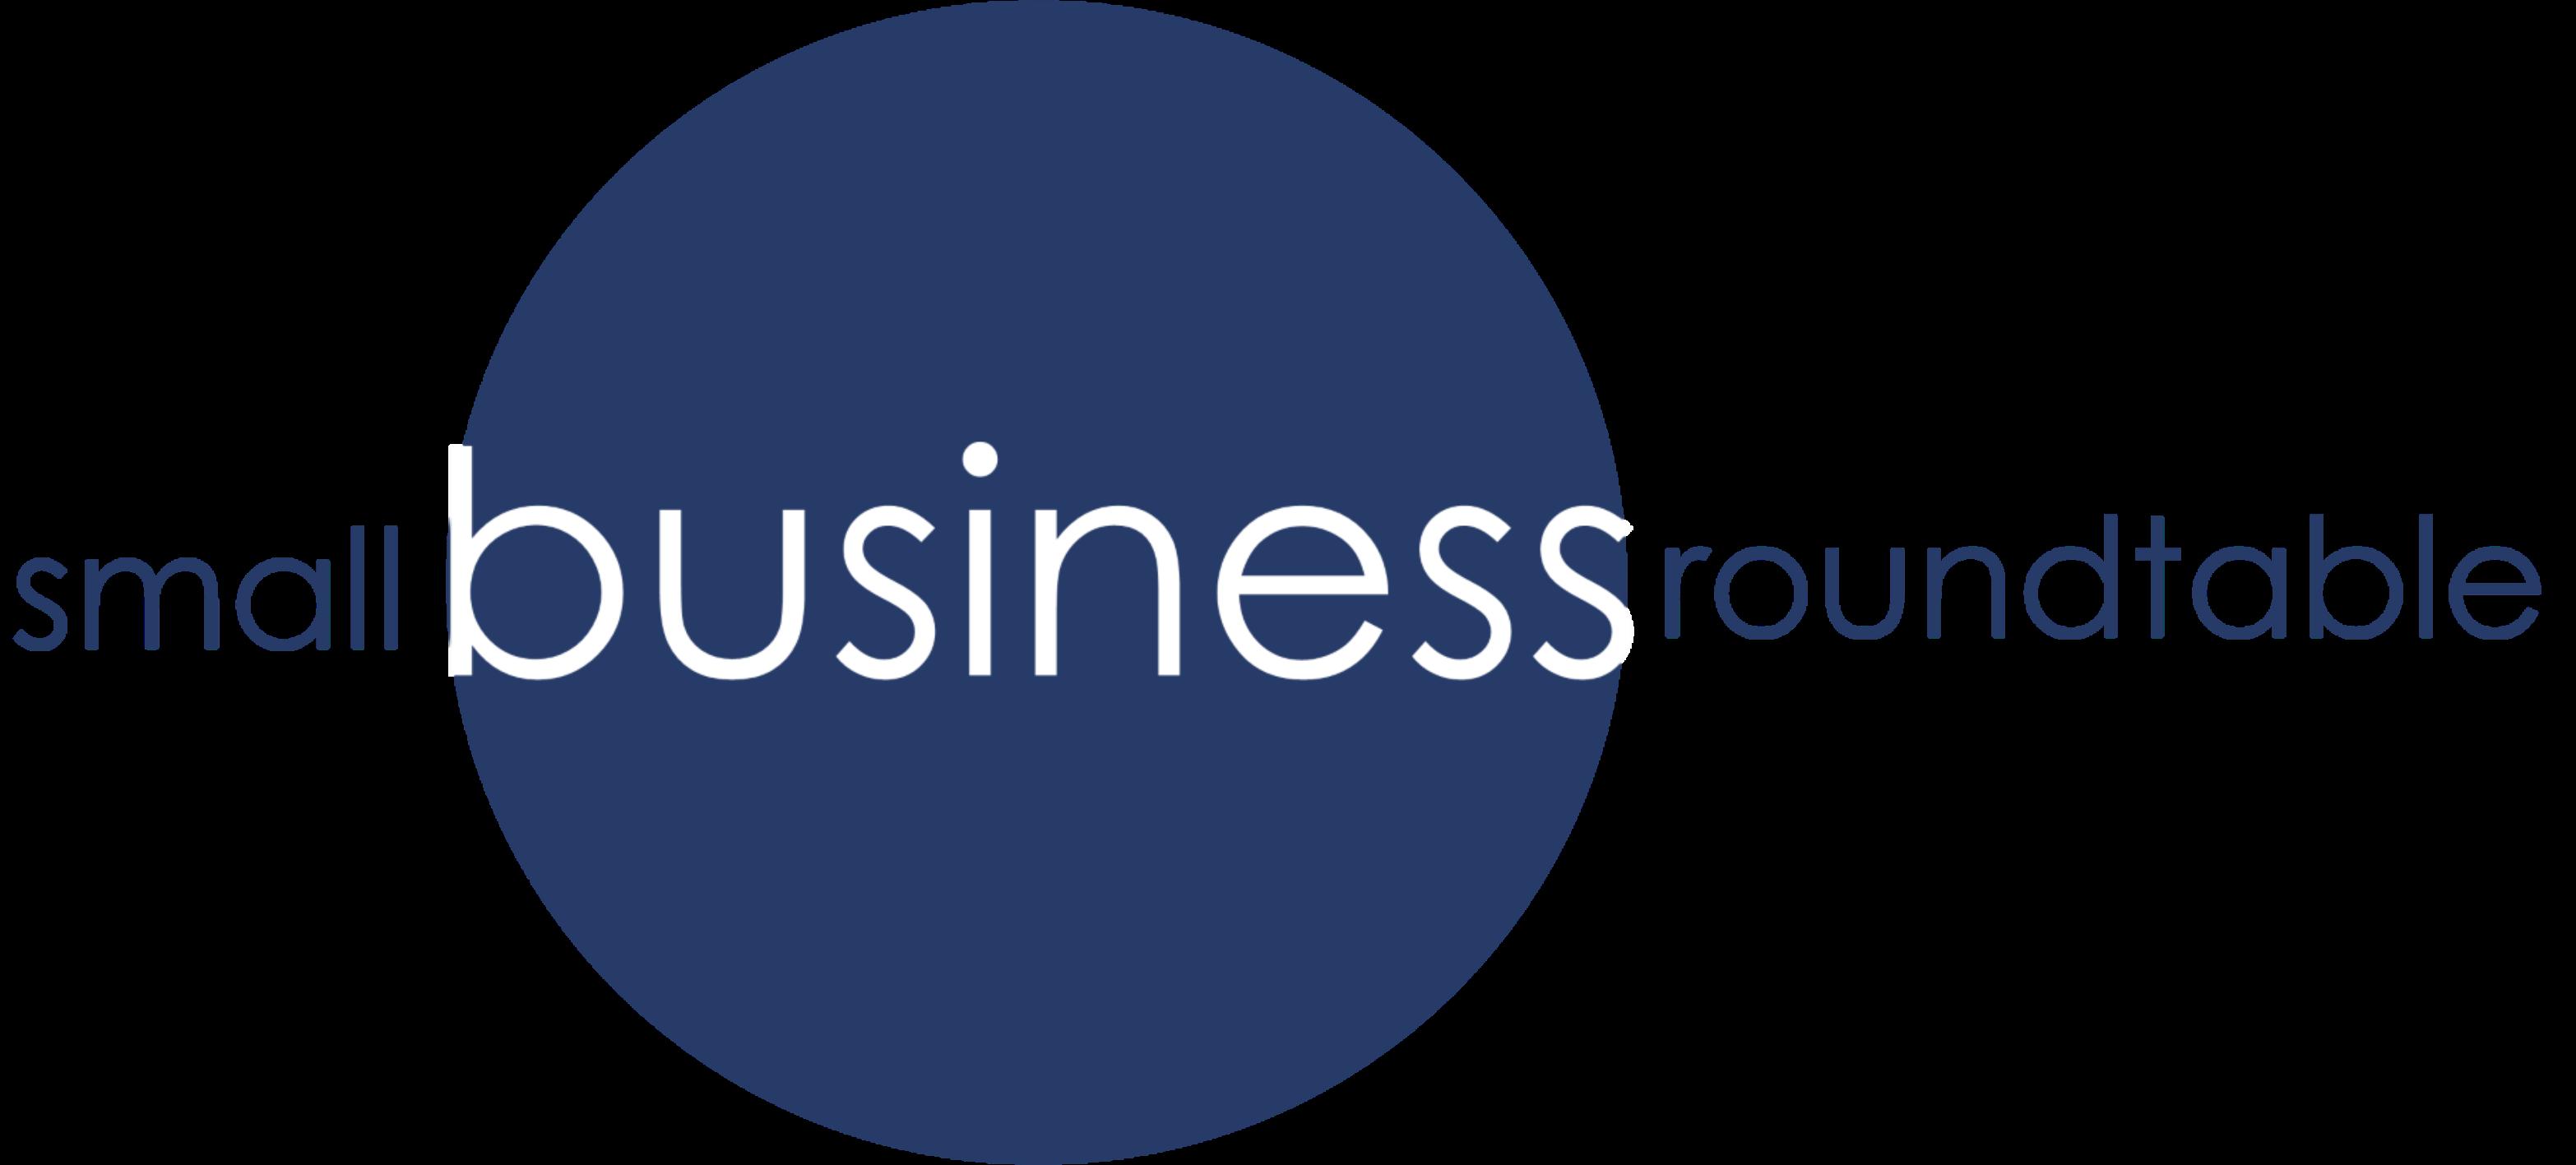 SBR Logo - Navy